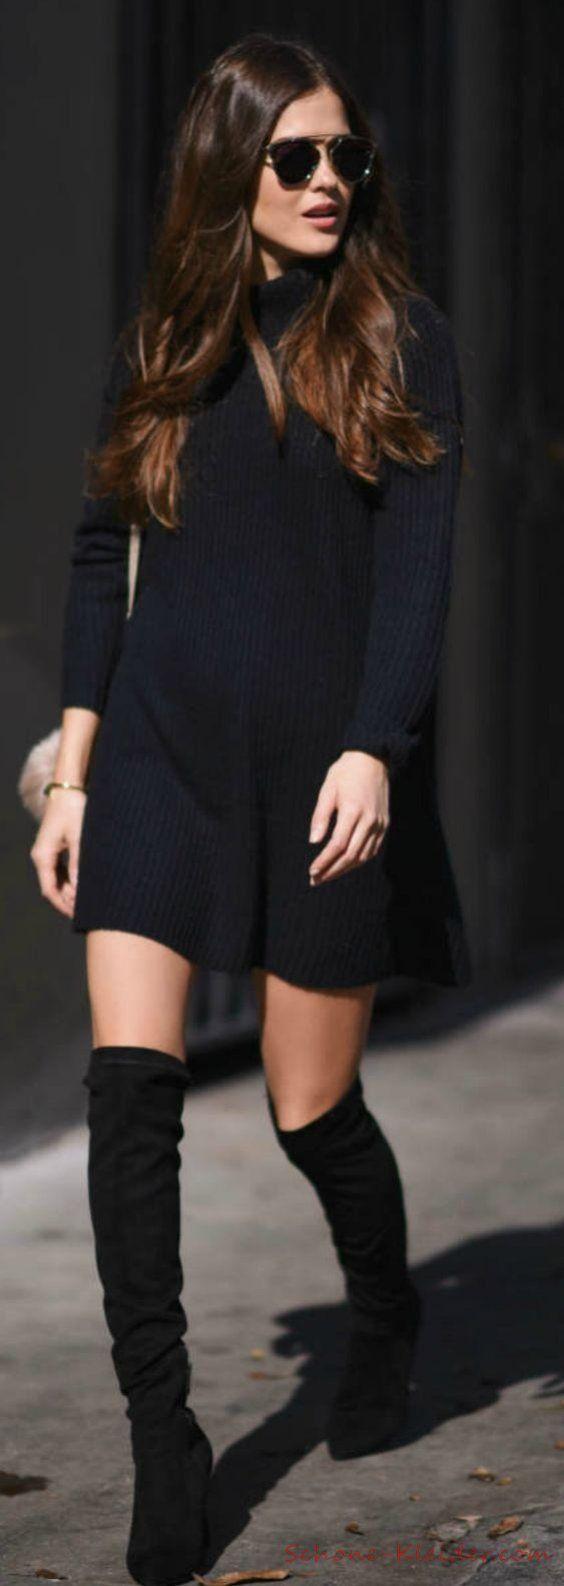 3 Strickkleid Schwarz, 3 Schöne Winterkleider für Damen